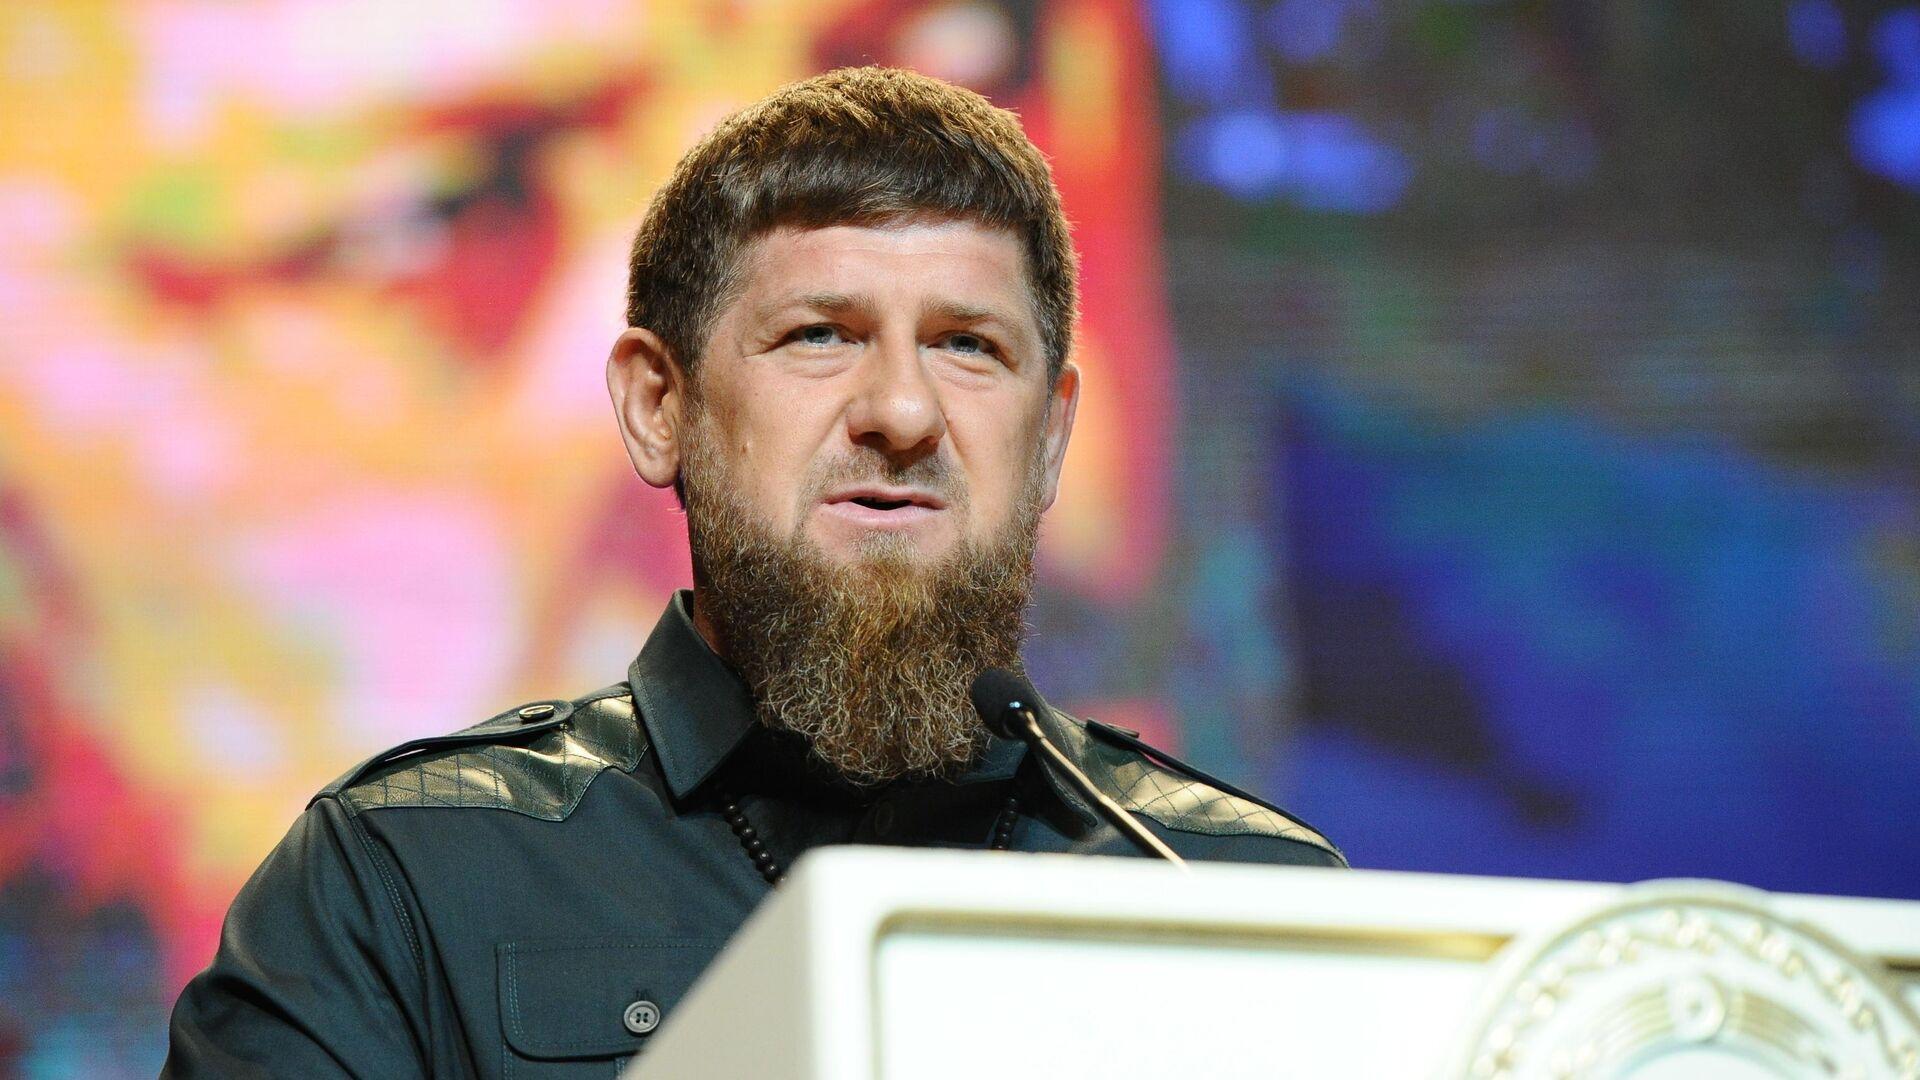 Глава Чеченской Республики Рамзан Кадыров - РИА Новости, 1920, 23.07.2020